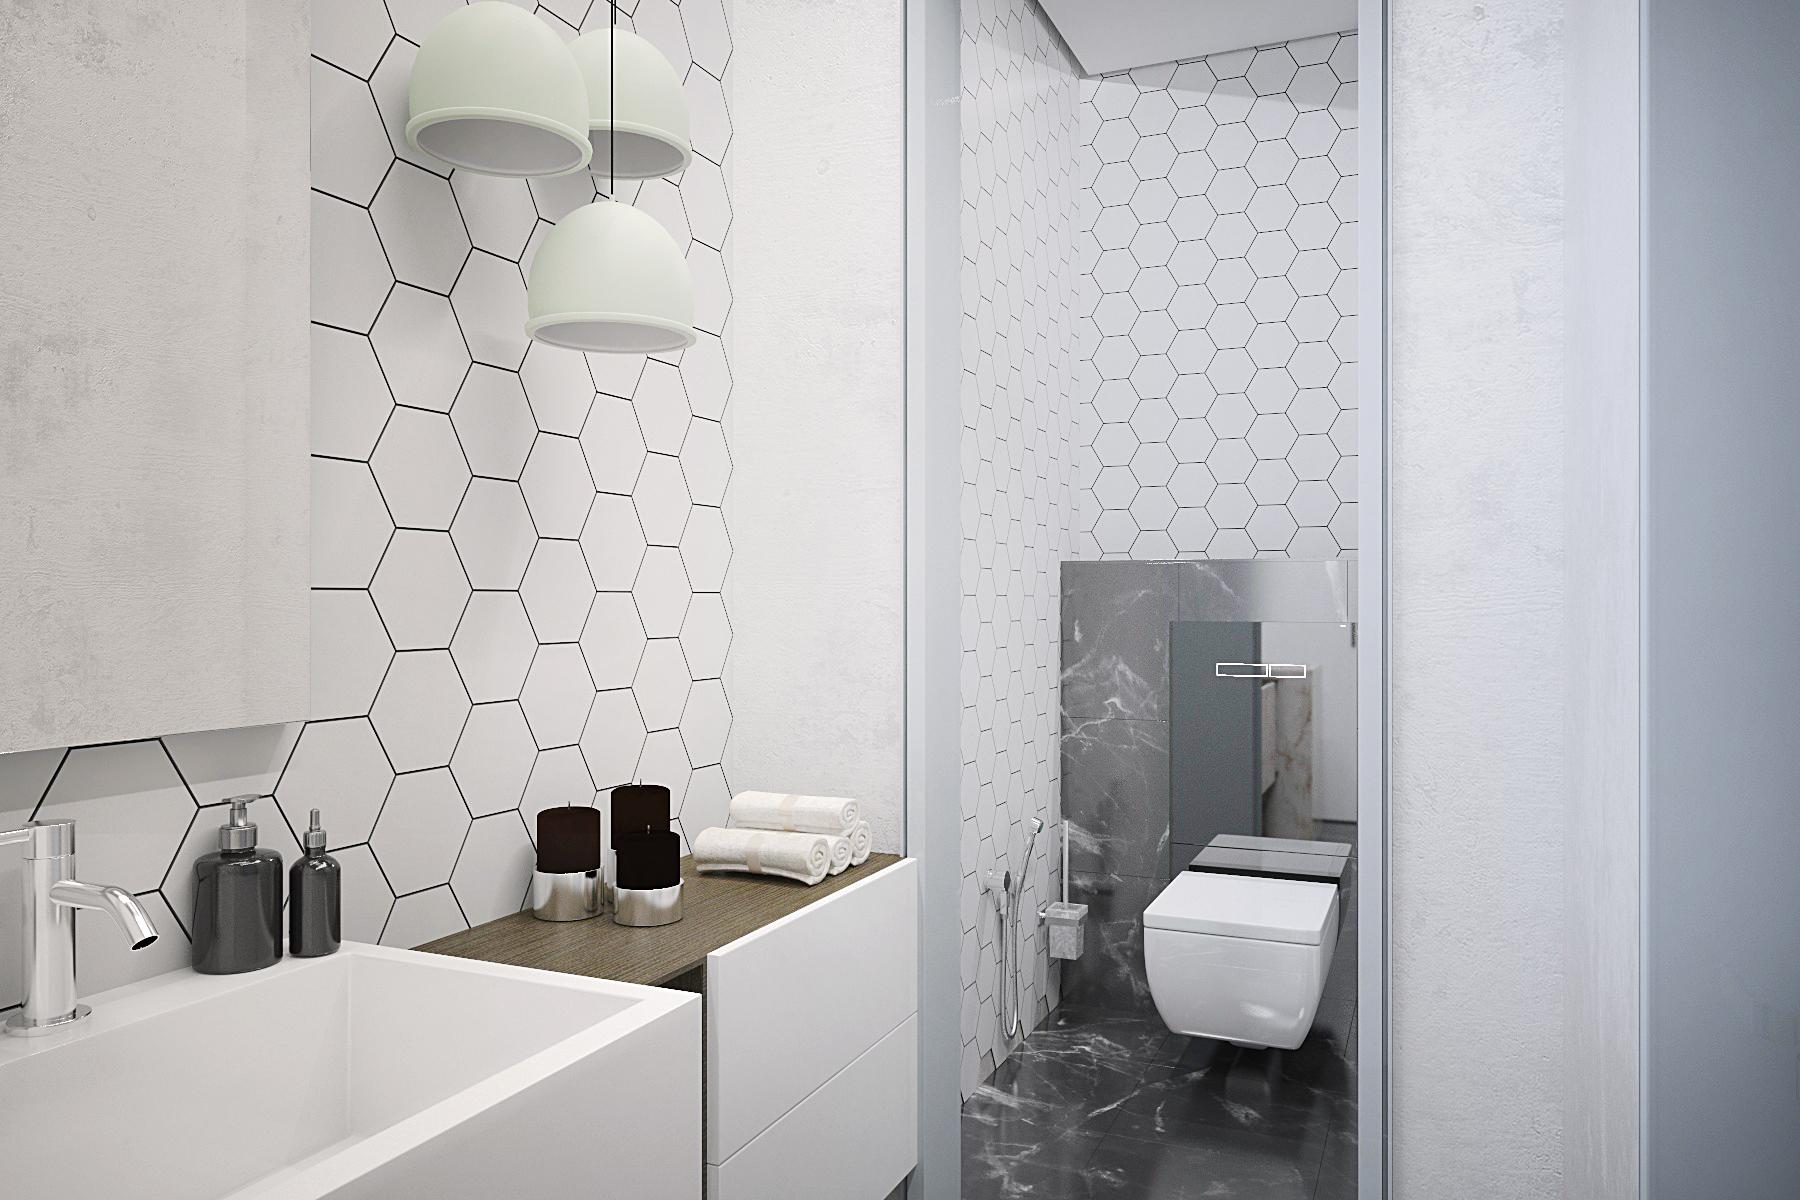 санузел в офисе, дизайн санузла, интерьер санузла, плитка шестигранник в санузле